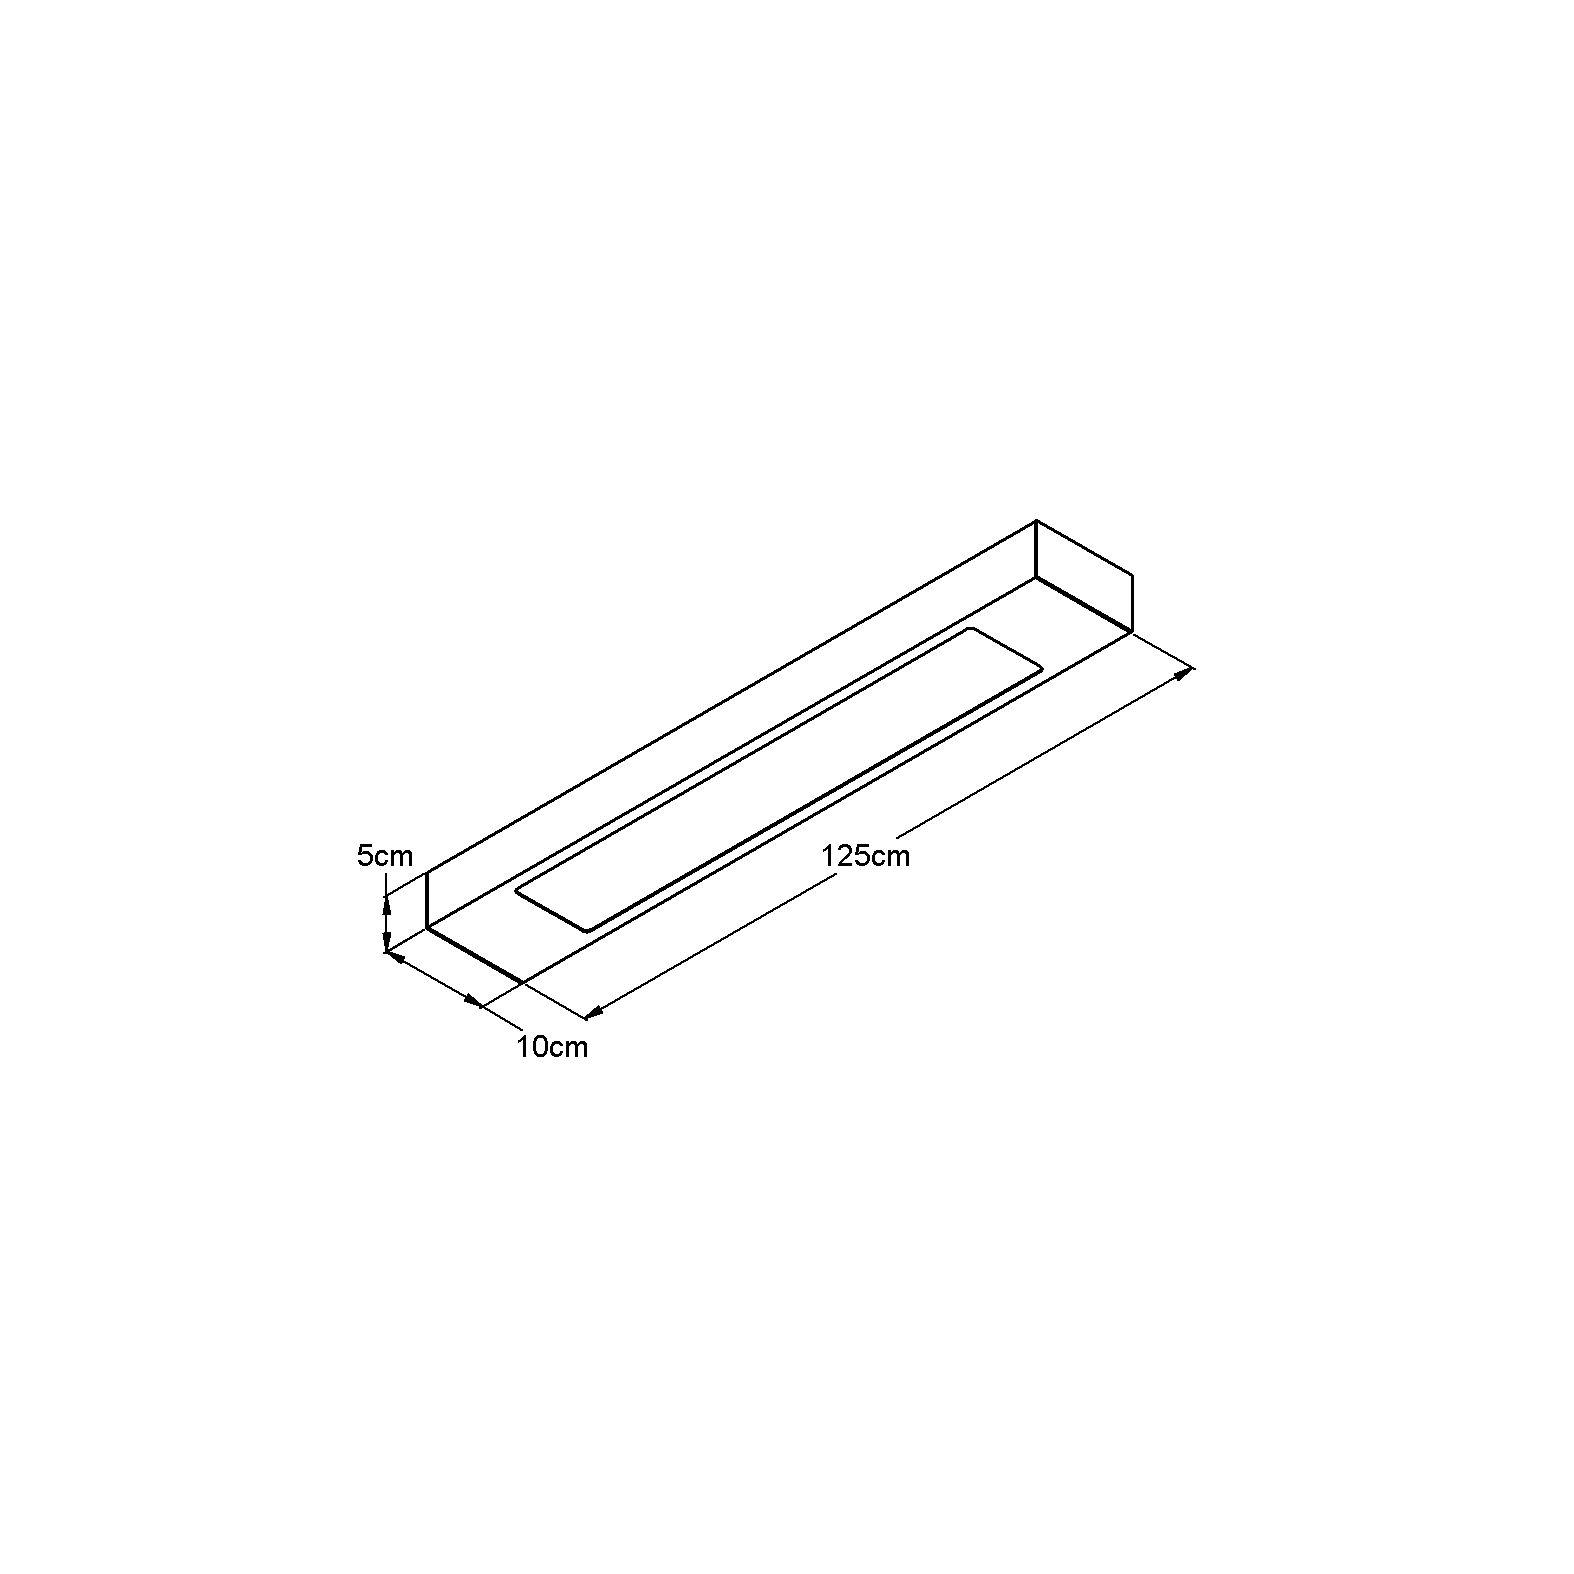 Luminária Plafon Retangular 2 Lâmp. 125cm Alumínio Preto Arky